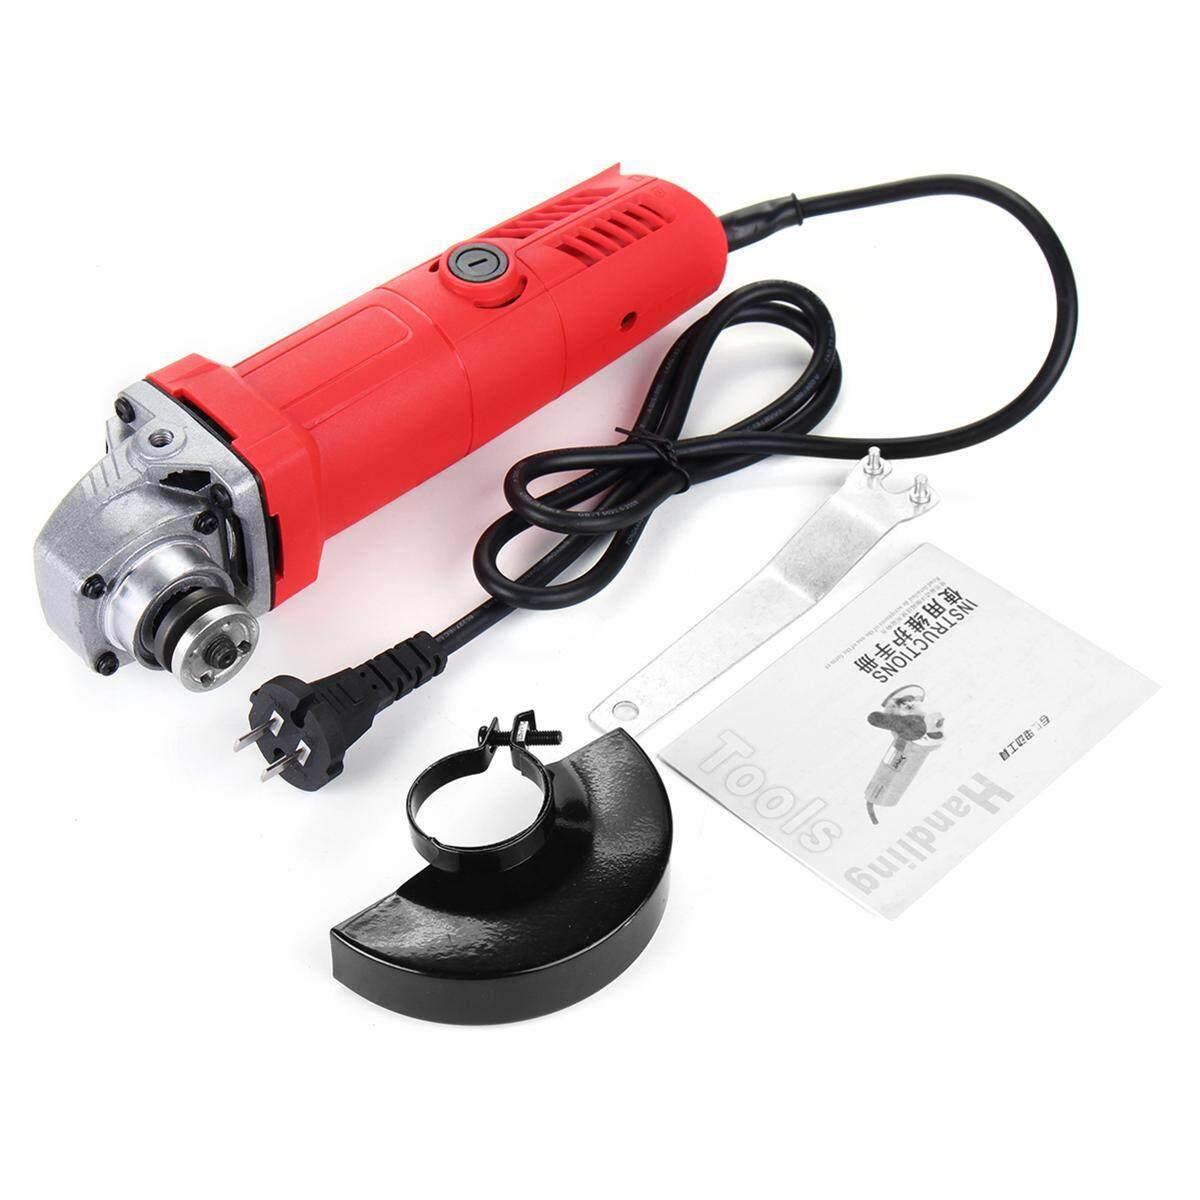 Hình ảnh Muti-function household polish machine - intl